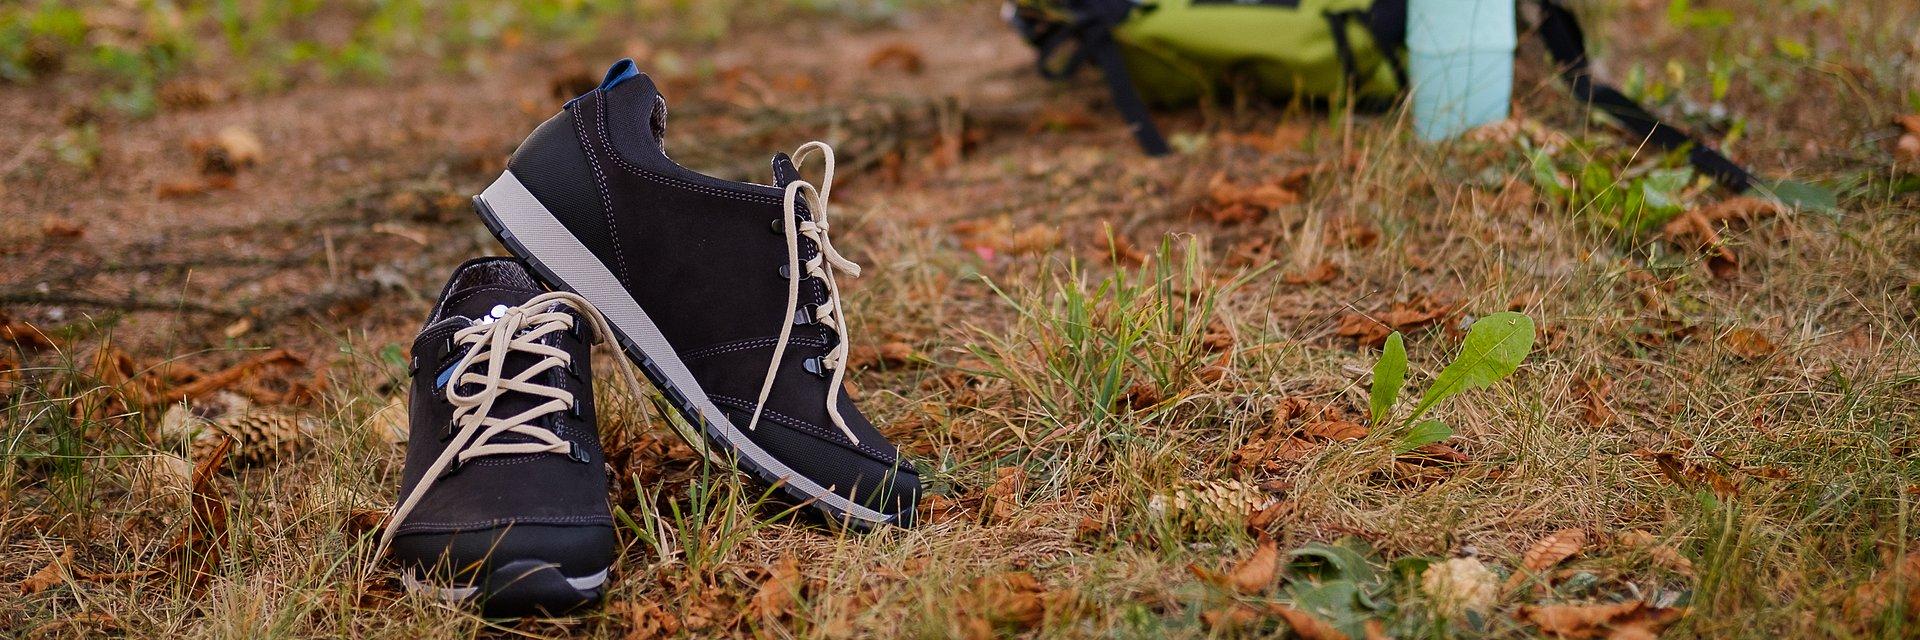 Jak czyścić buty trekkingowe?